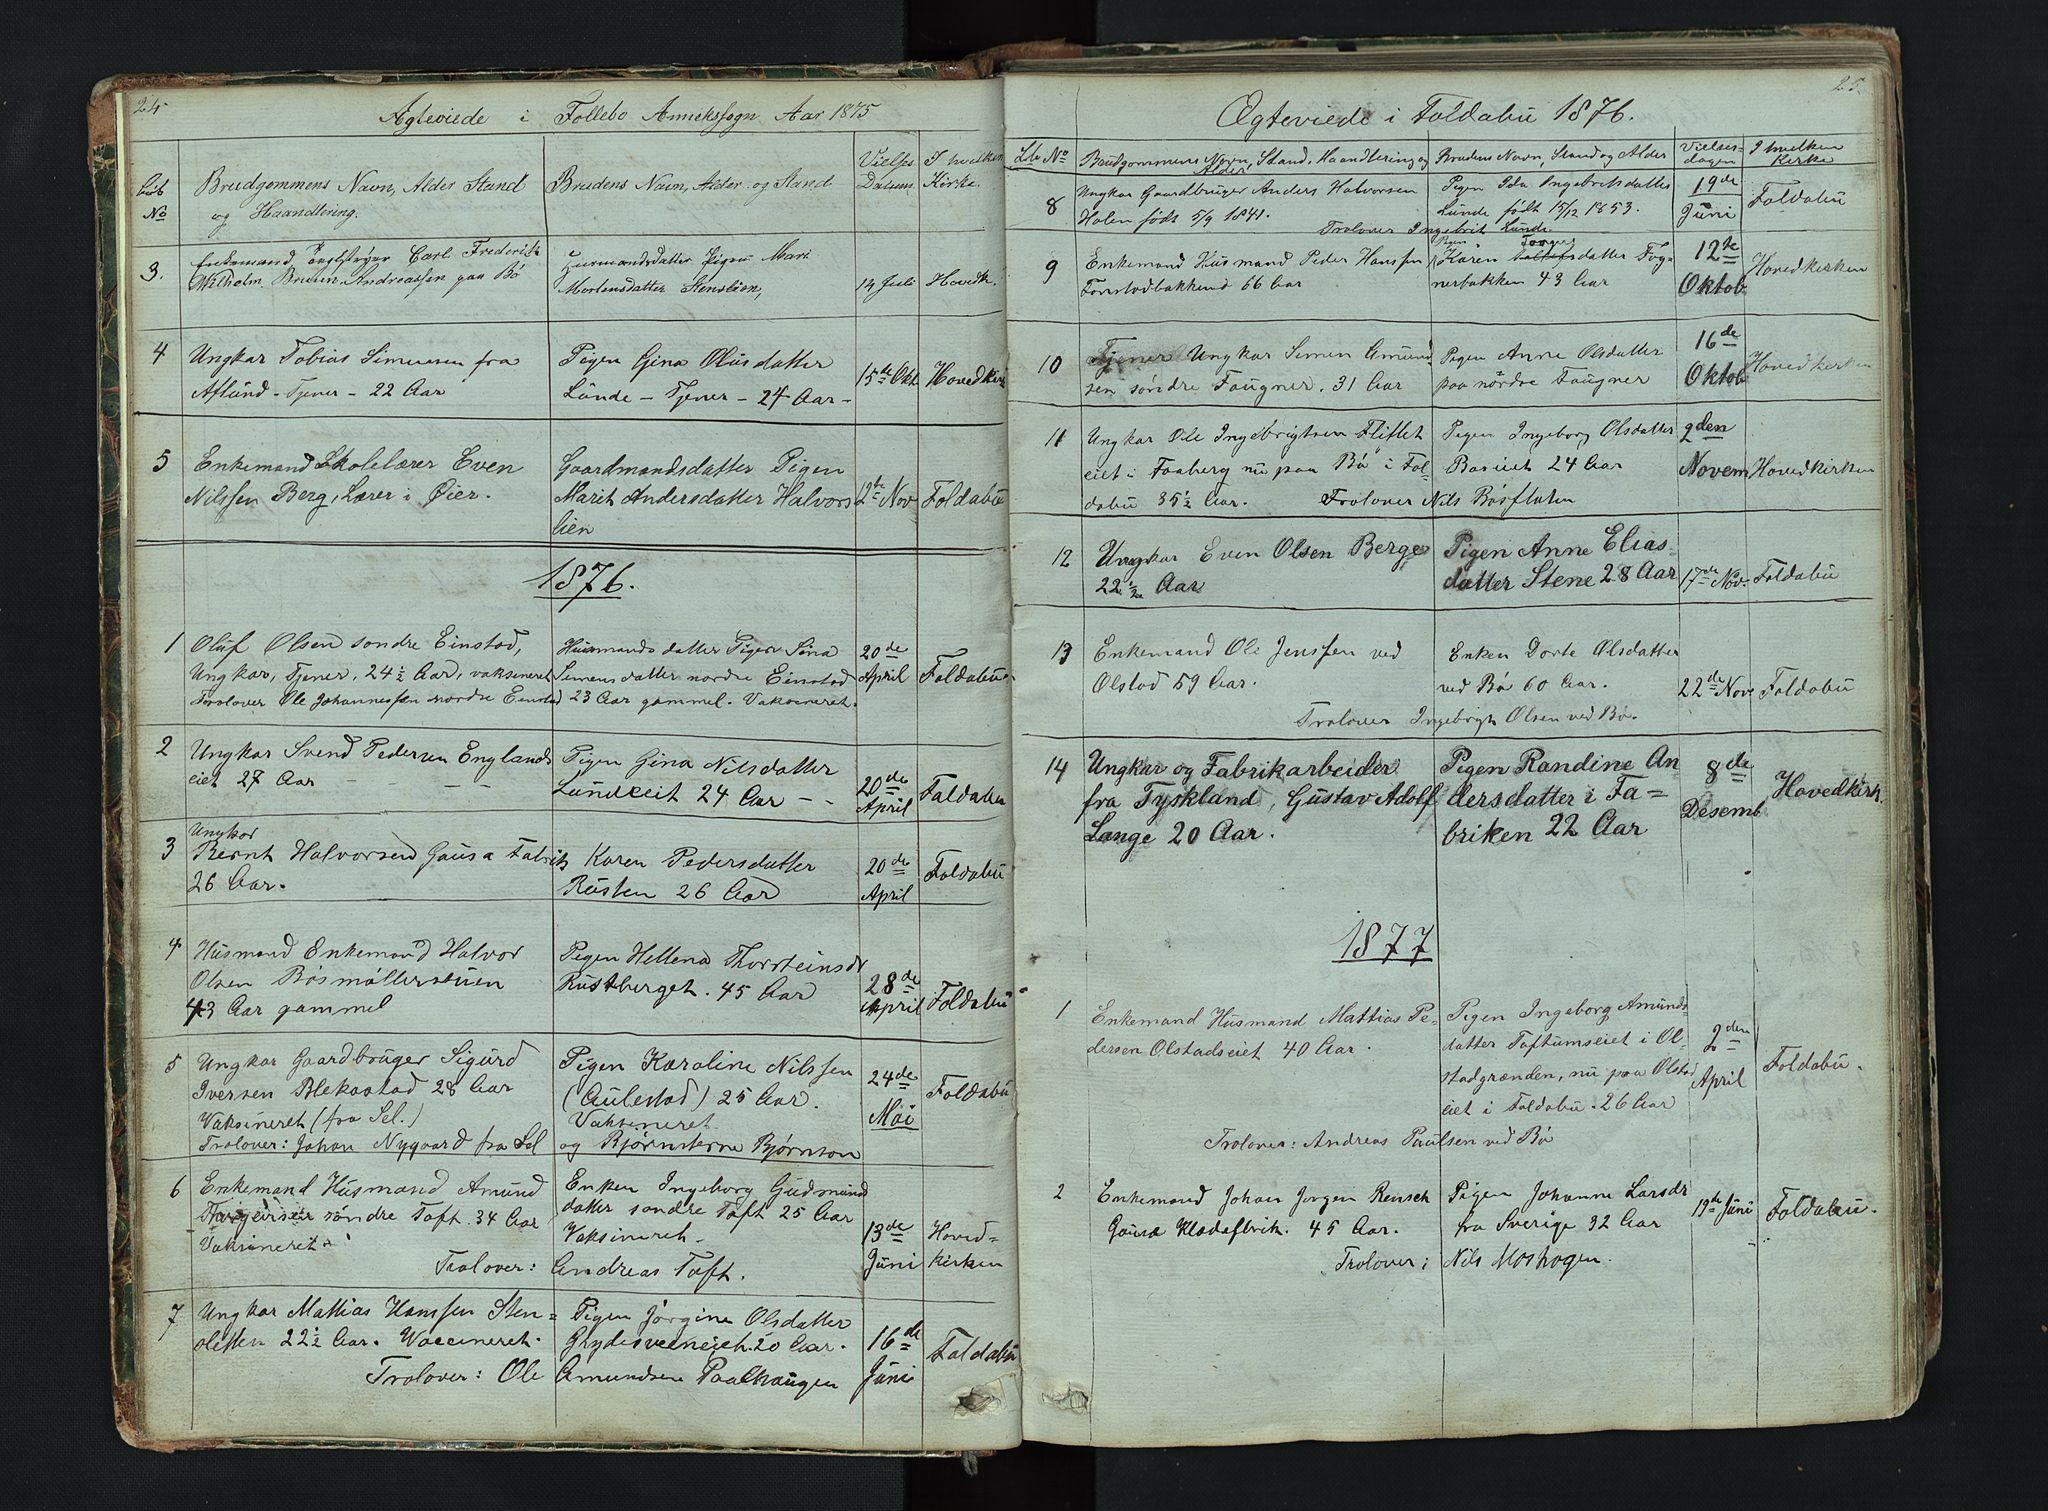 SAH, Gausdal prestekontor, Klokkerbok nr. 6, 1846-1893, s. 24-25